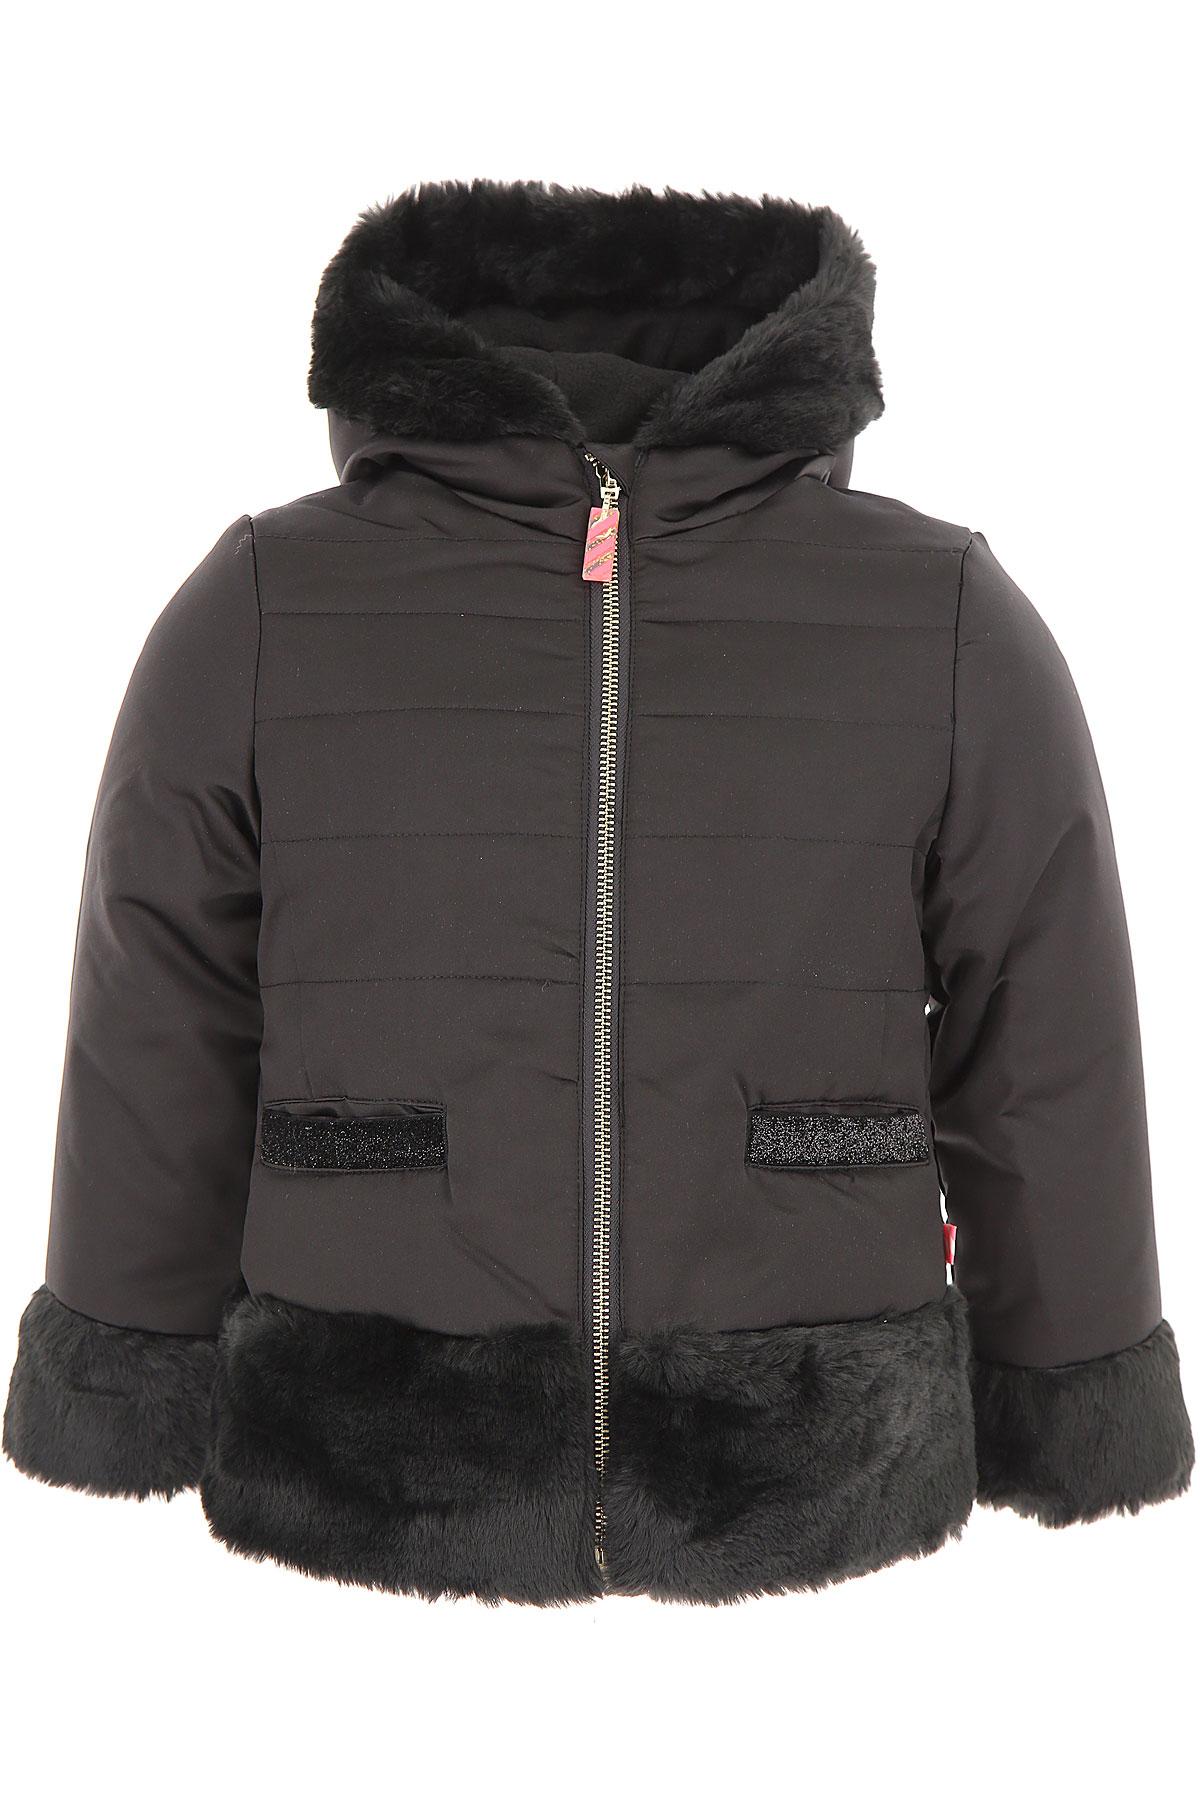 Image of Billieblush Girls Down Jacket for Kids, Puffer Ski Jacket, Black, polyester, 2017, 10Y 2Y 3Y 4Y 5Y 6Y 8Y